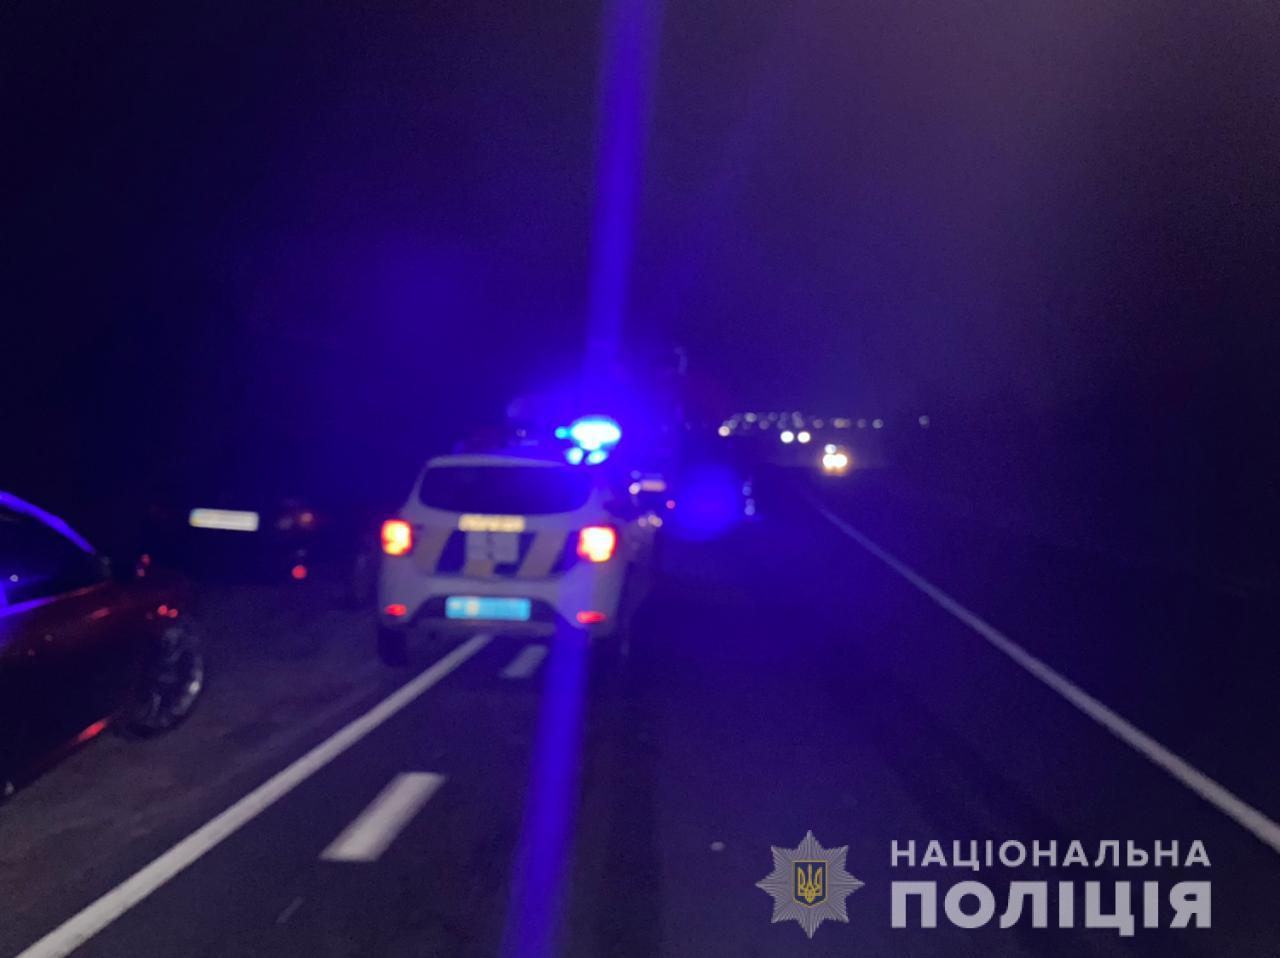 В Одесской области при столкновении фуры и иномарки погиб мужчина, его дочь госпитализировали